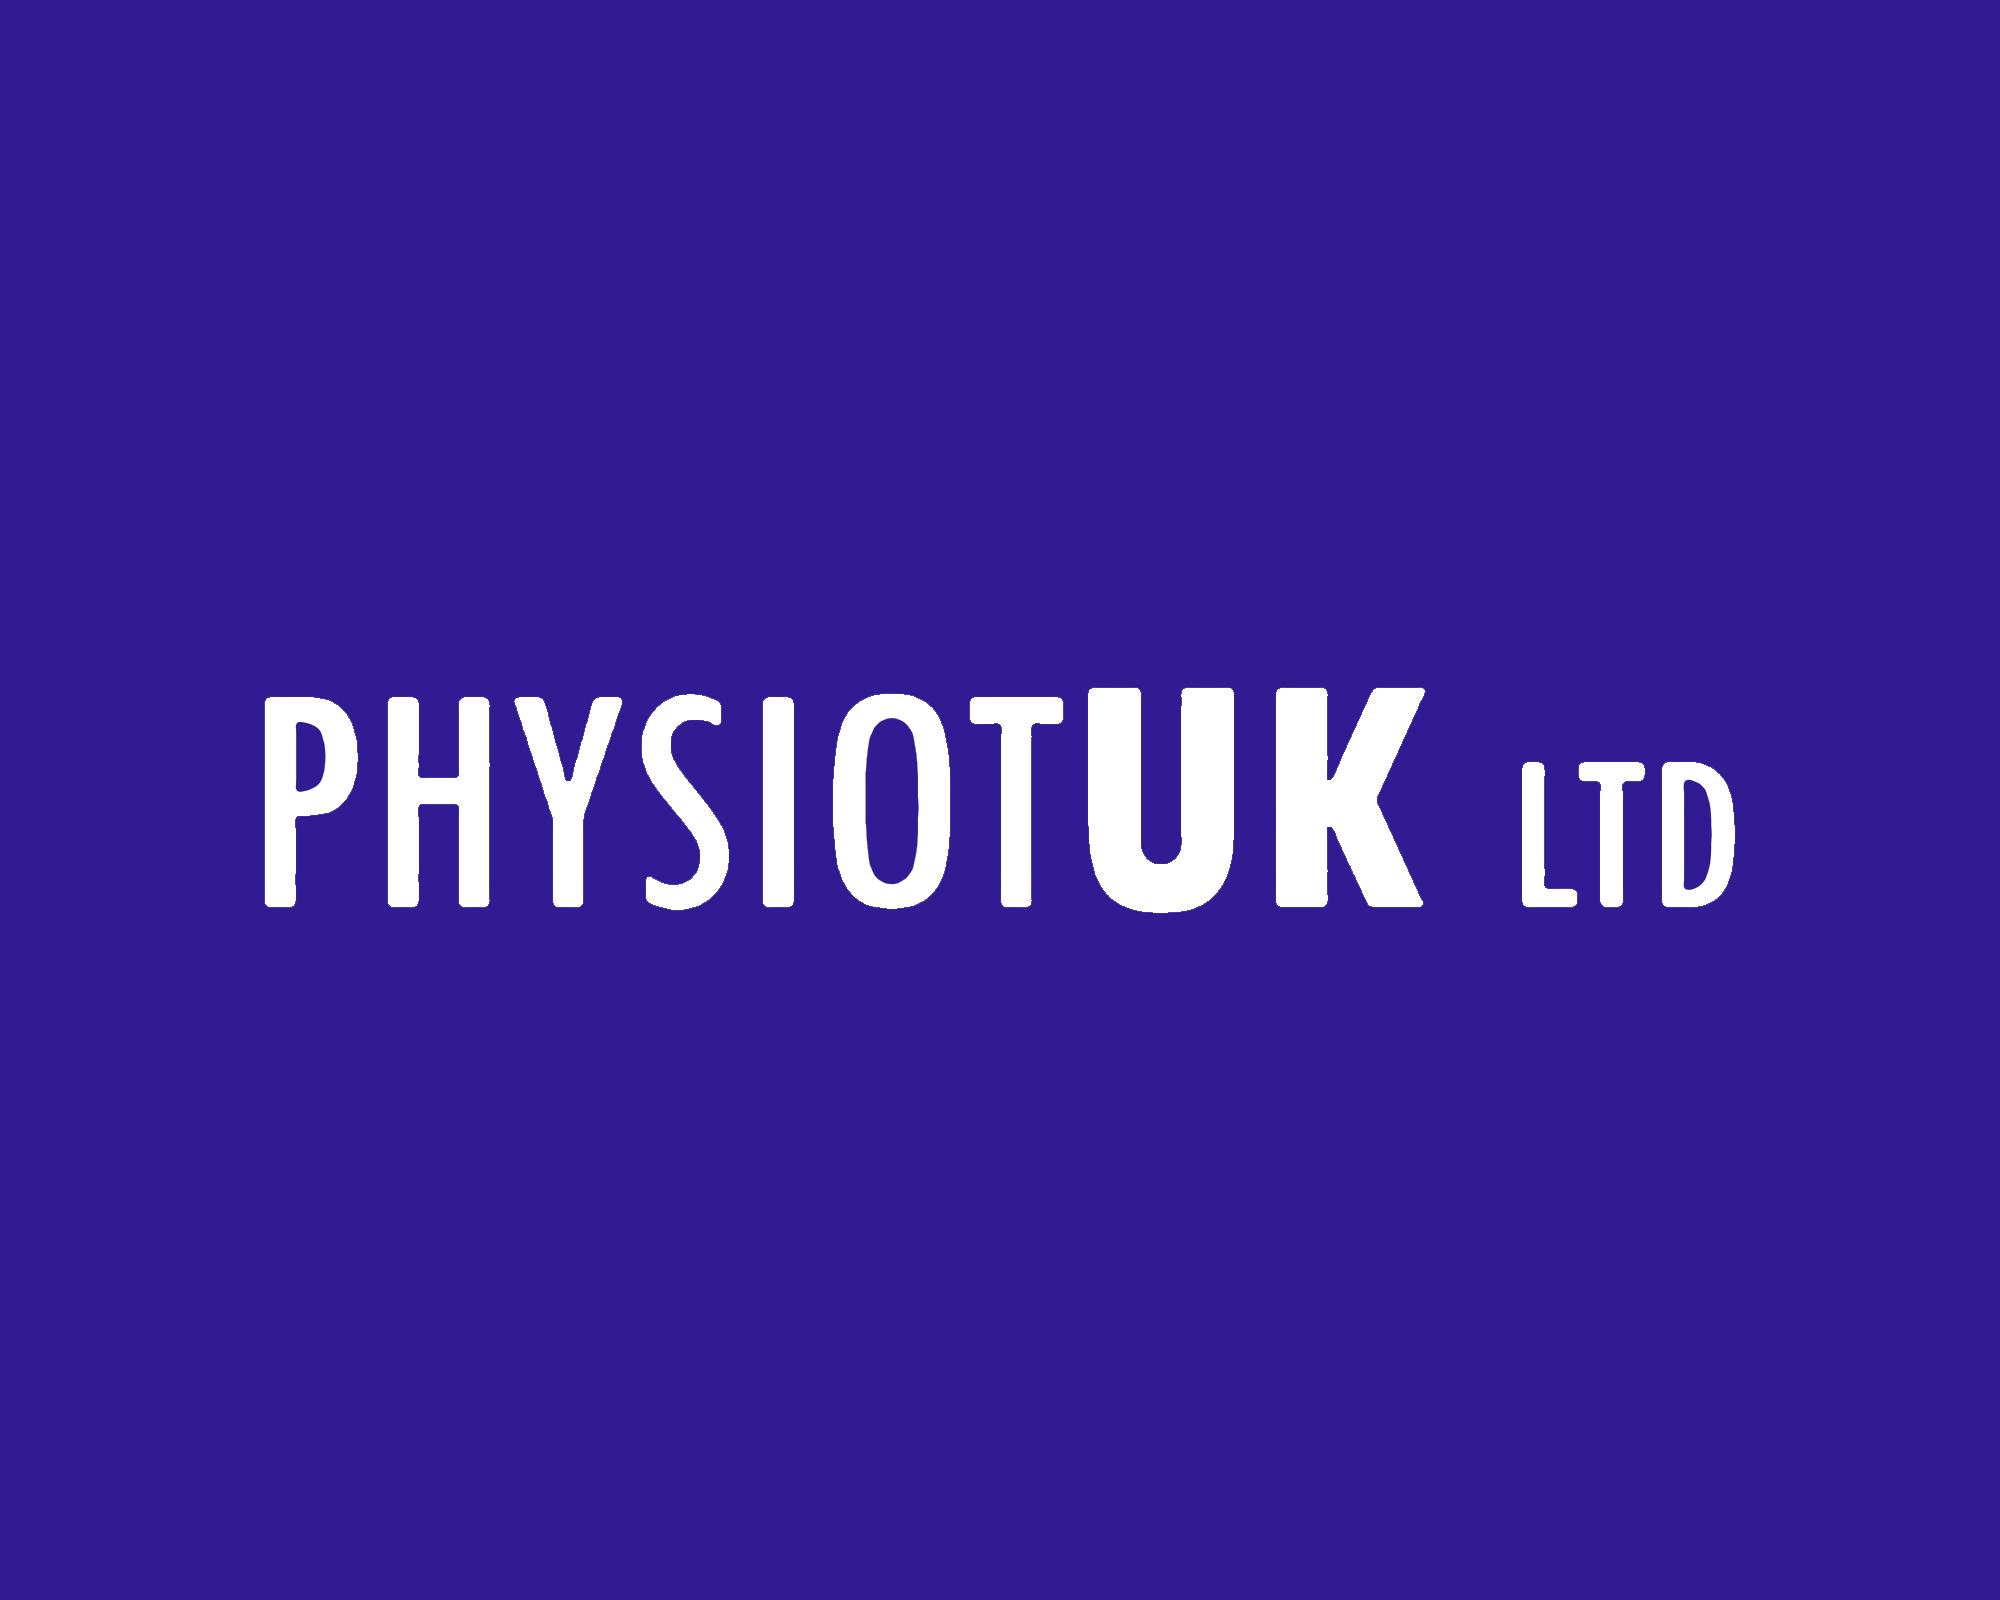 physiotuk ltd Logo